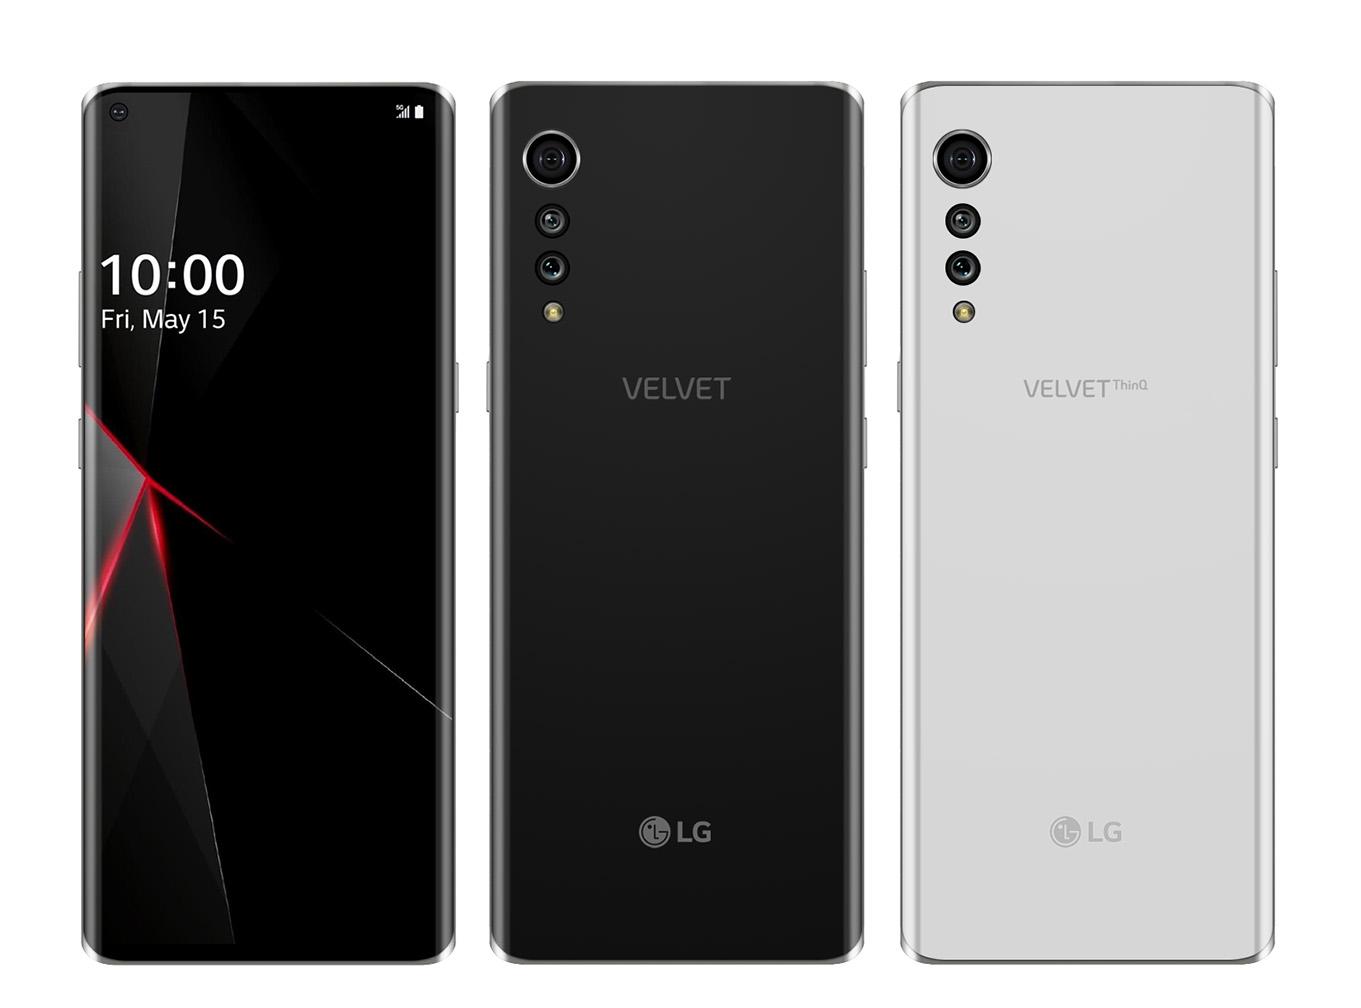 LG Velvet render